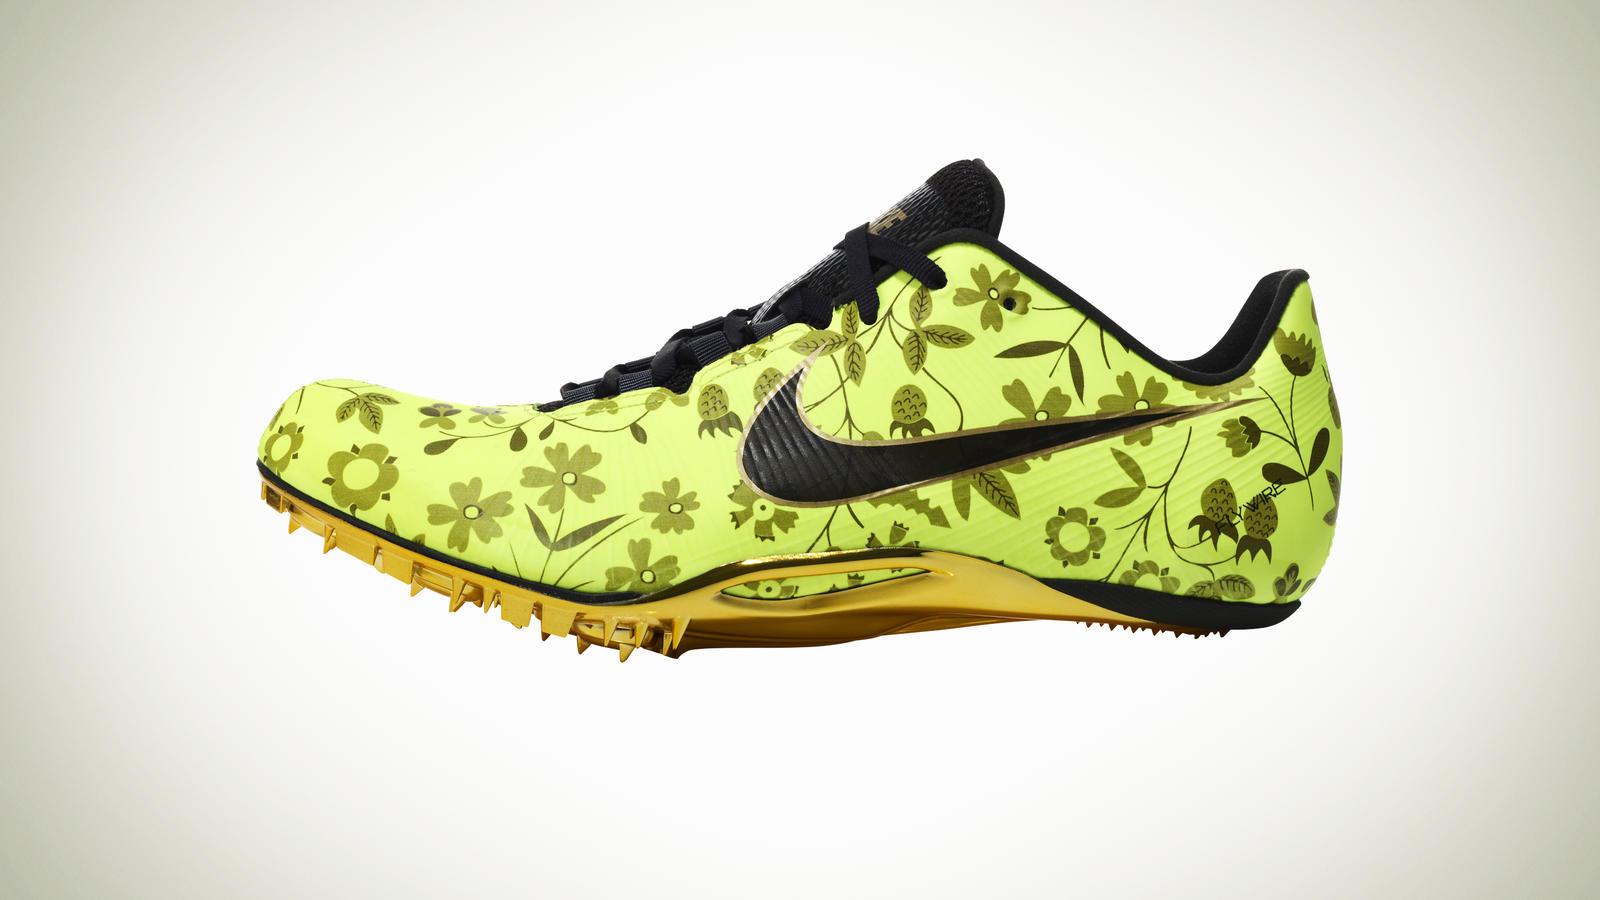 Liberty_X_Nike_sprint_profile